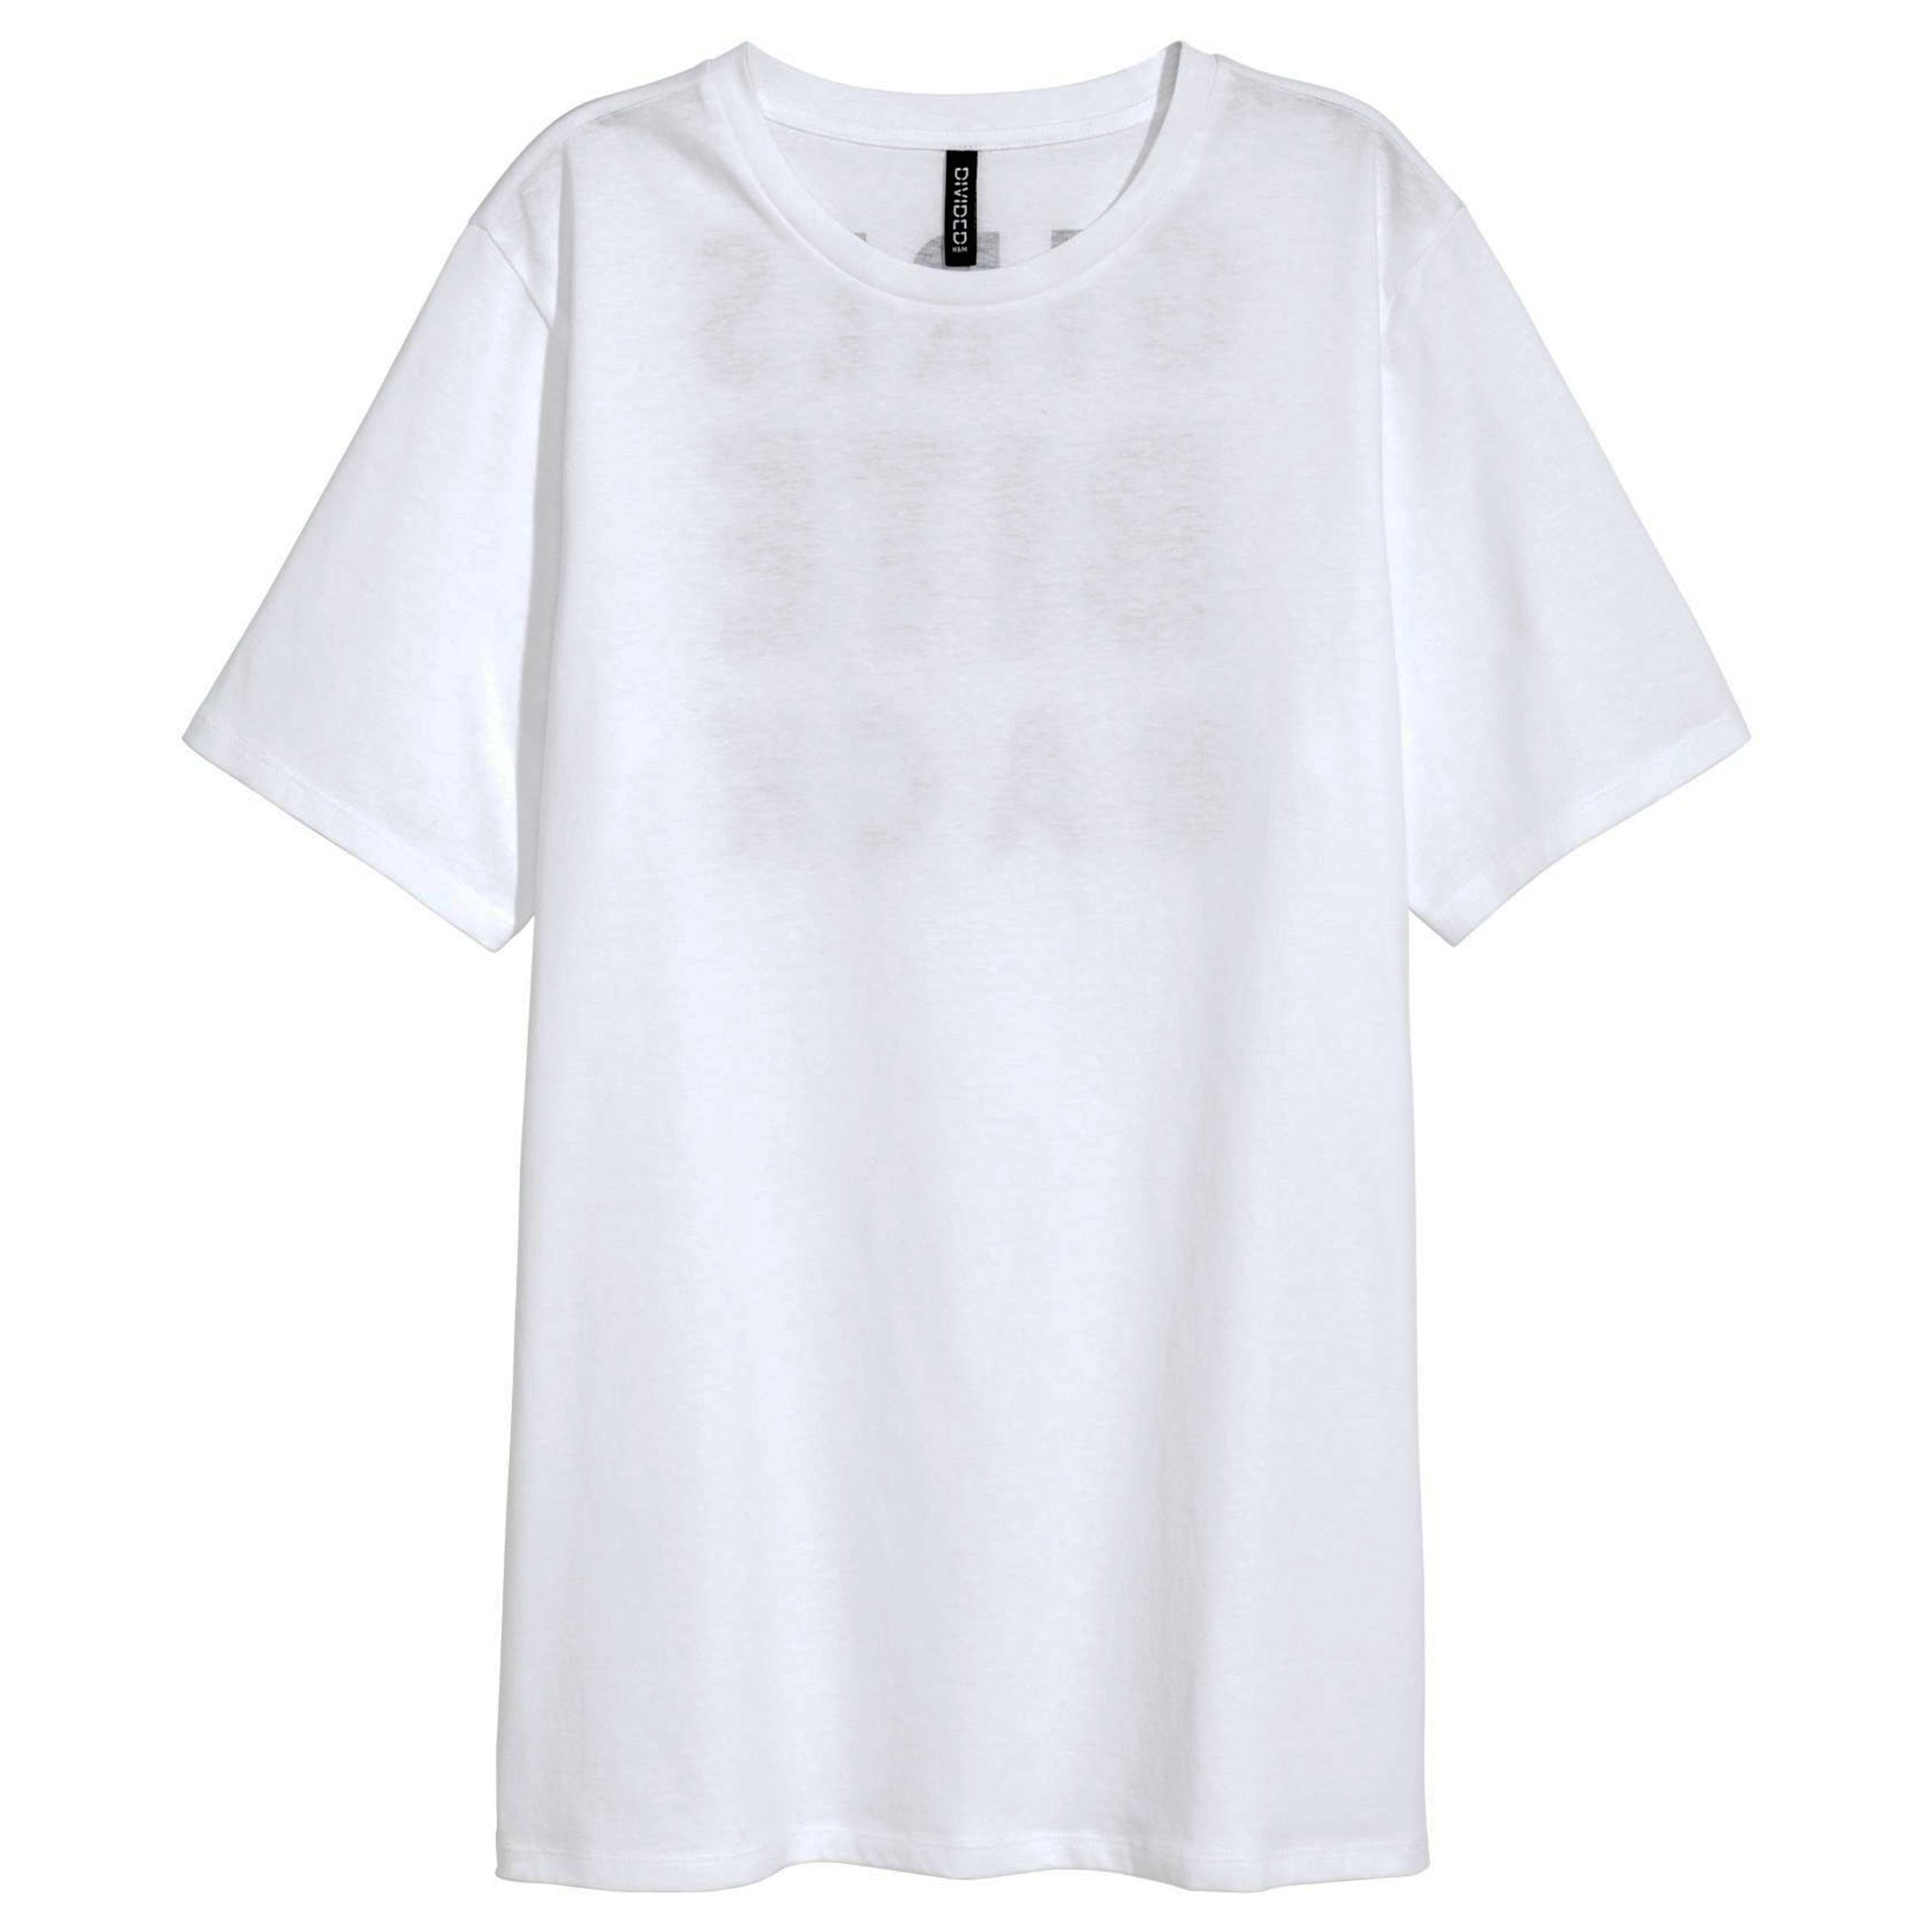 تی شرت زنانه دیوایدد مدل 0455886